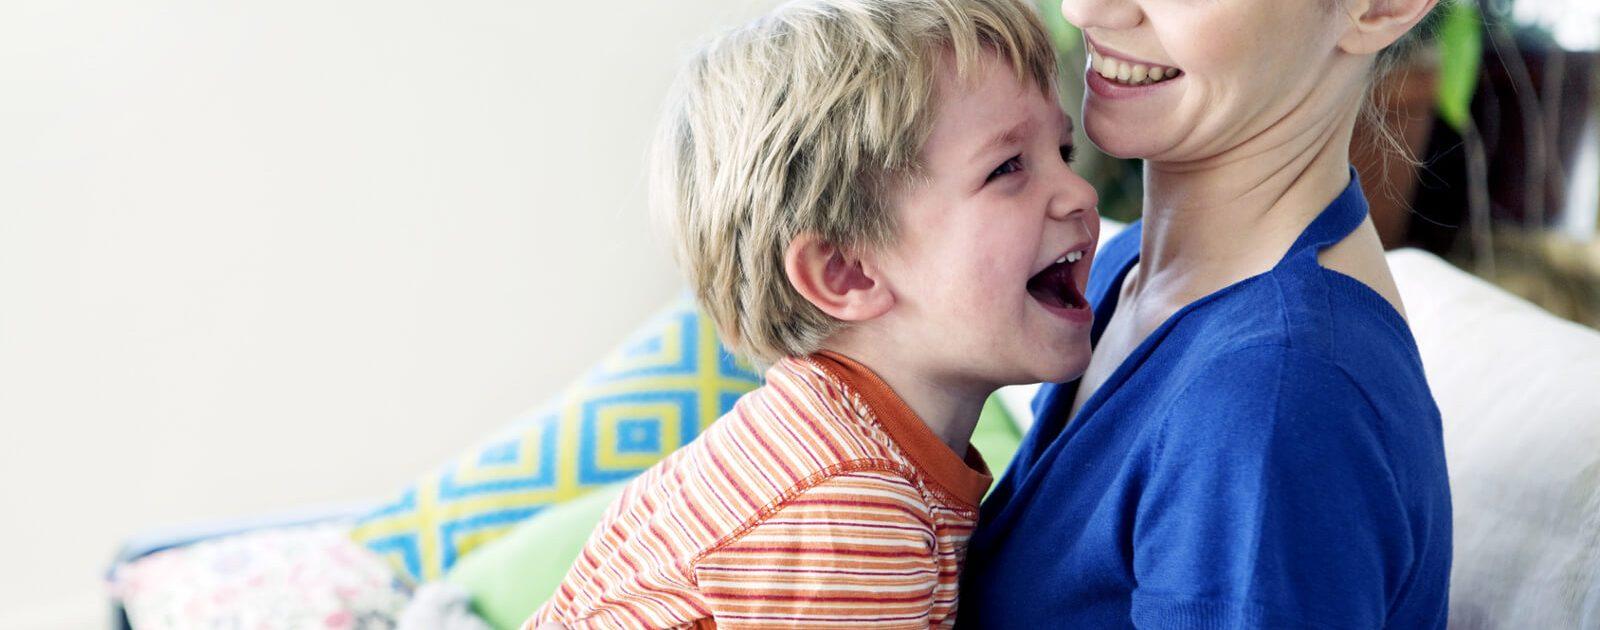 Junge tollt wieder fröhlich herum: Das pflanzliche Arzneimittel Iberogast® hilft auch Kindern bei funktionellen Magen-Darm-Beschwerden.